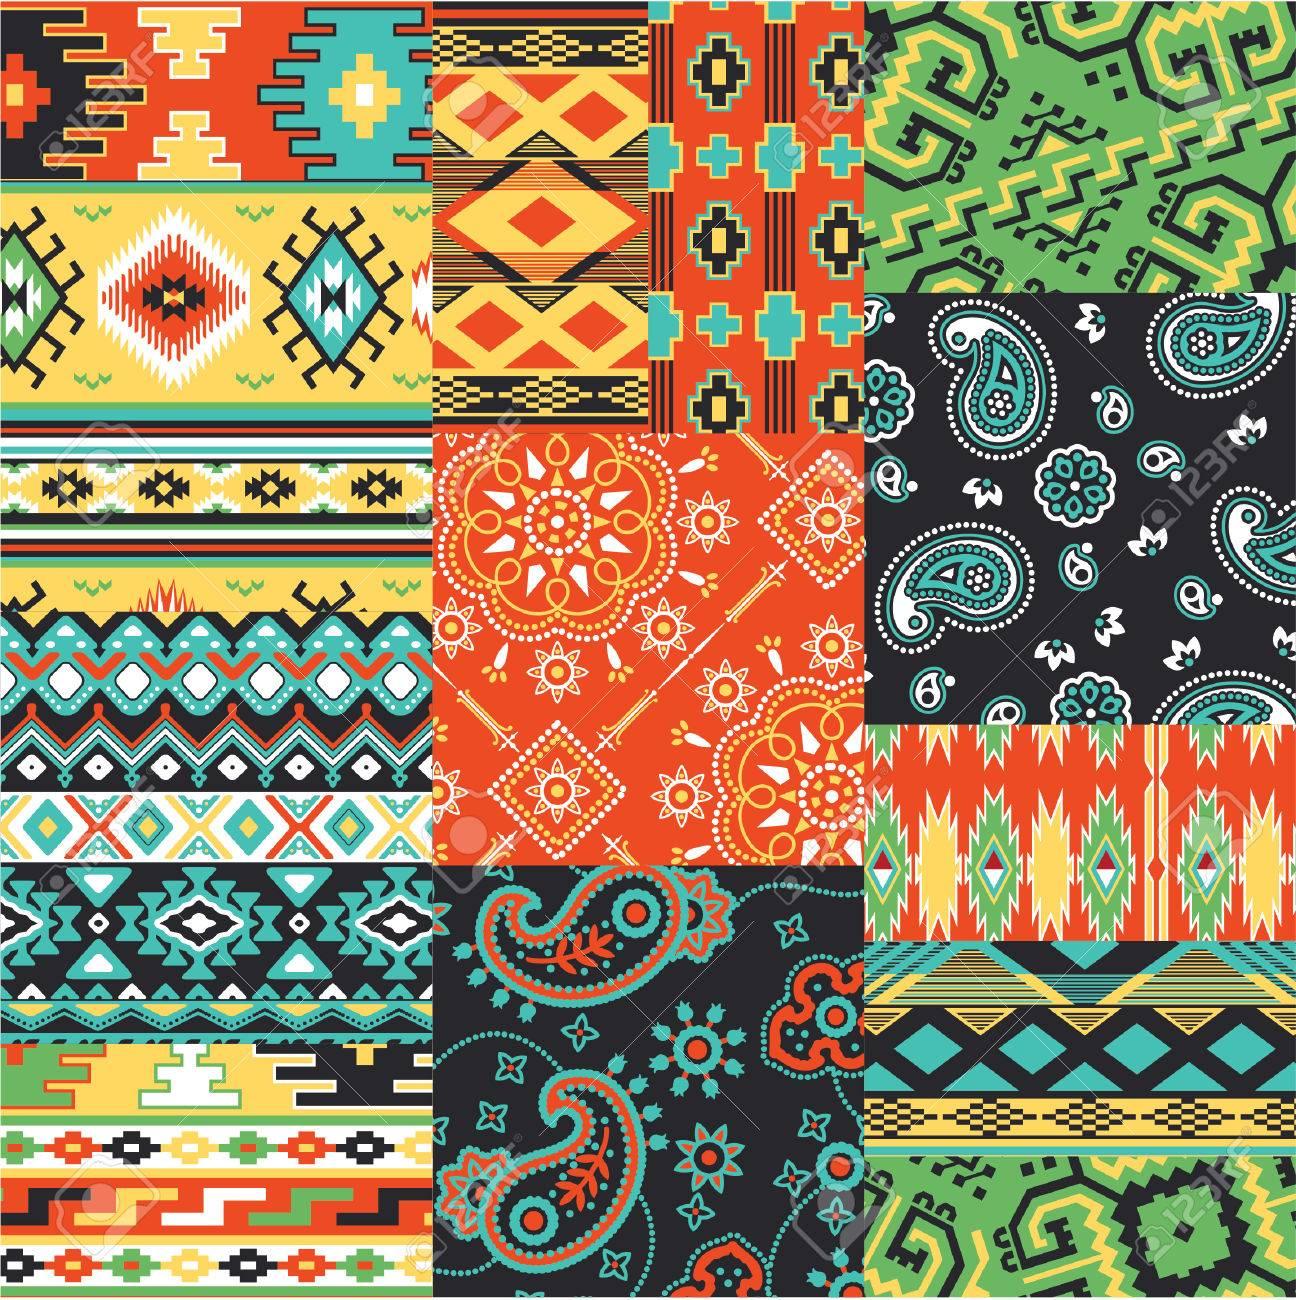 79213039-panuelo-panuelo-tela-patchwork-vector-patrones-sin-fisuras